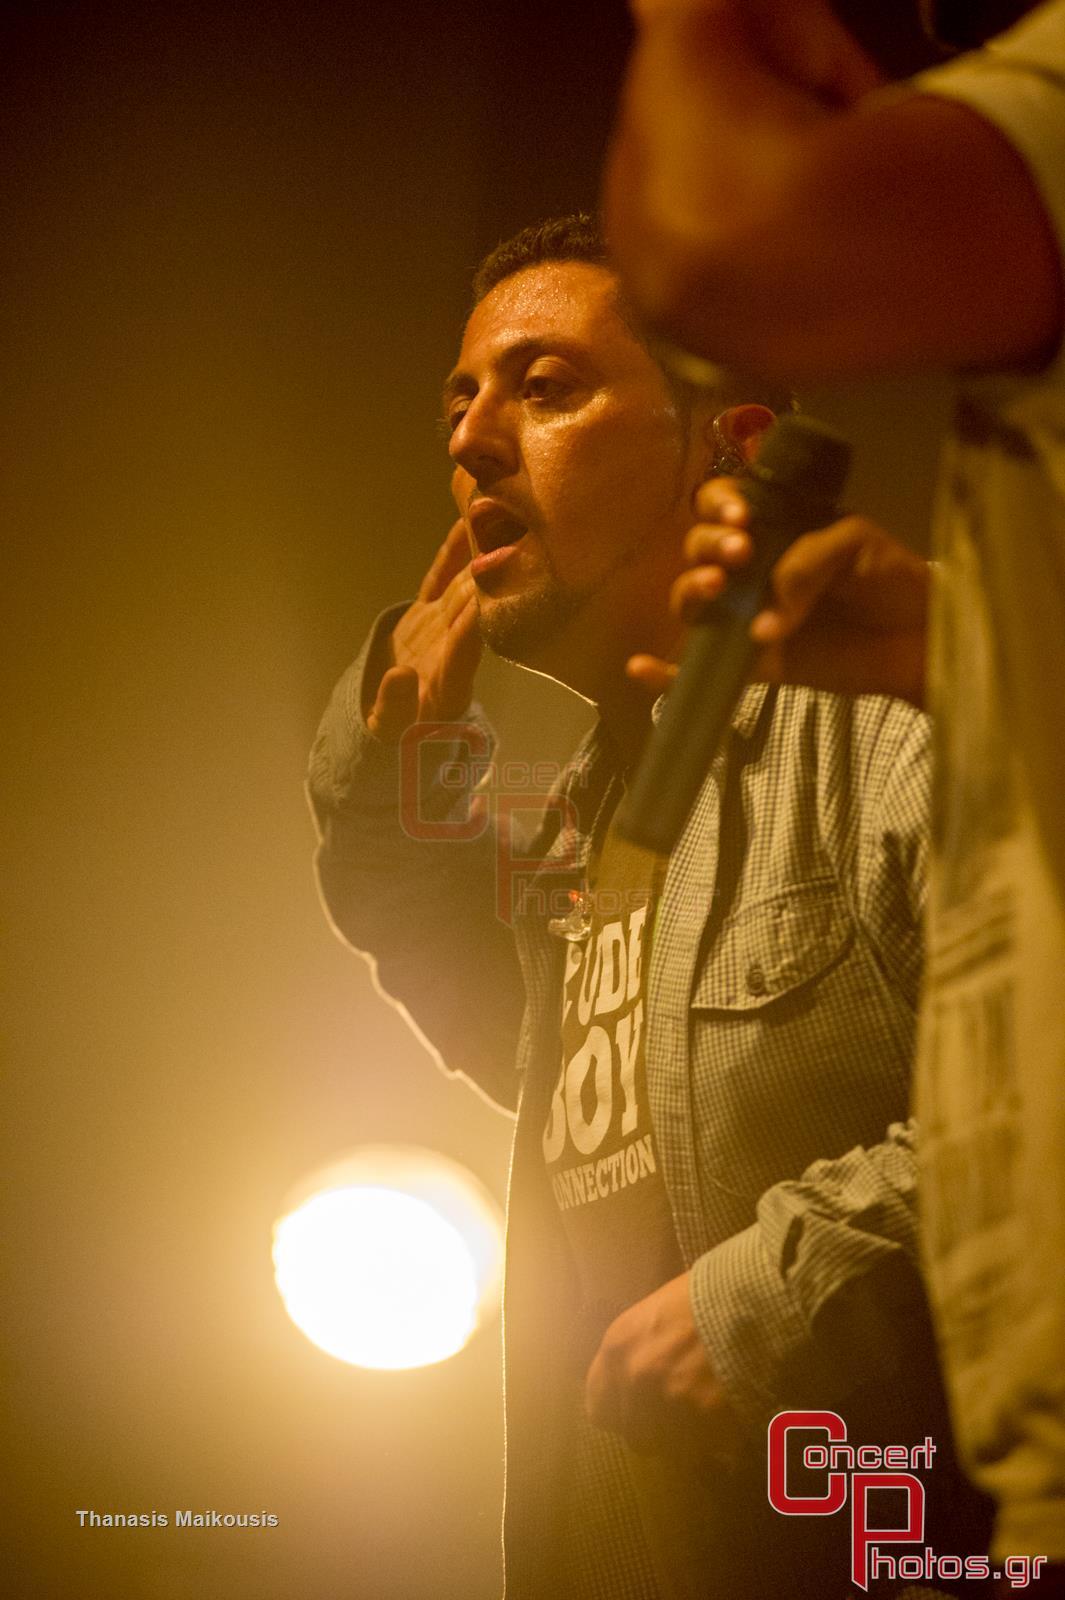 Dub Inc-Dub Inc photographer: Thanasis Maikousis - concertphotos_-5590